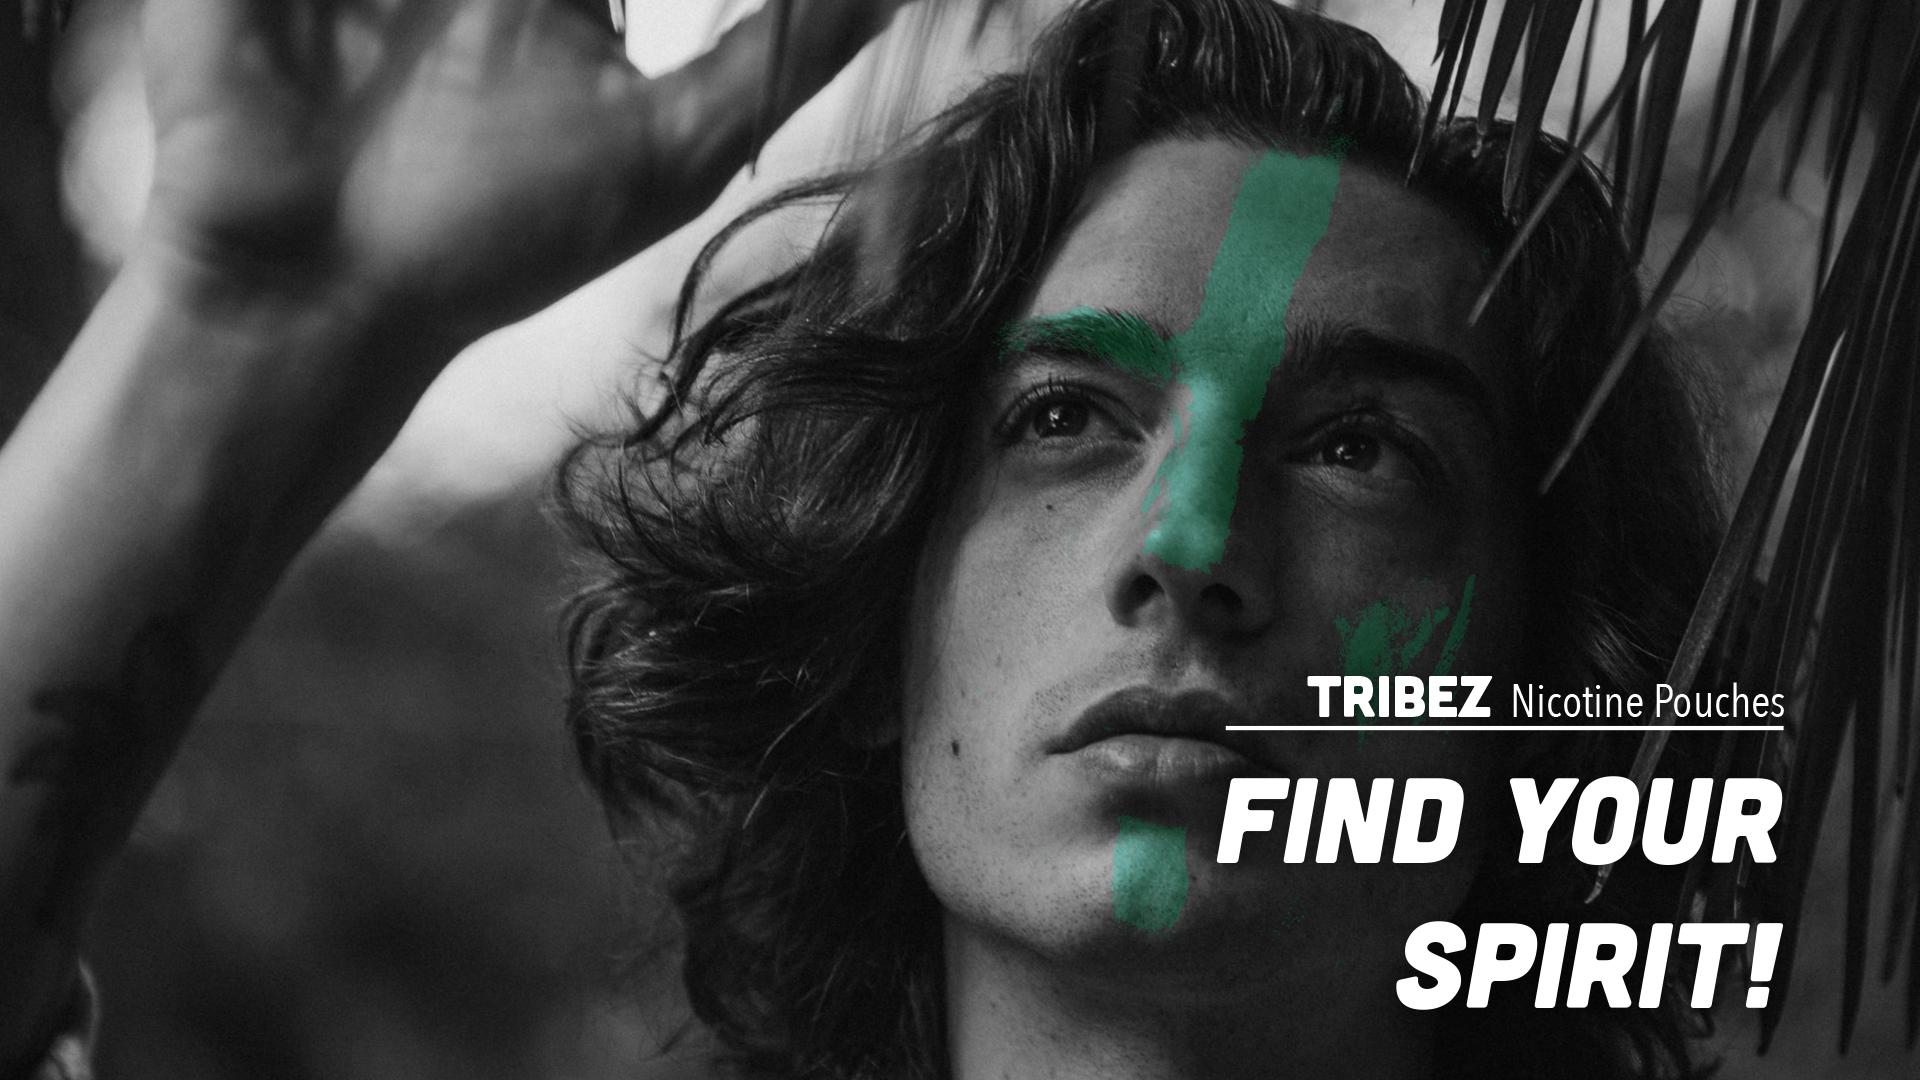 2021-07-12 | Get to know - TRIBEZ